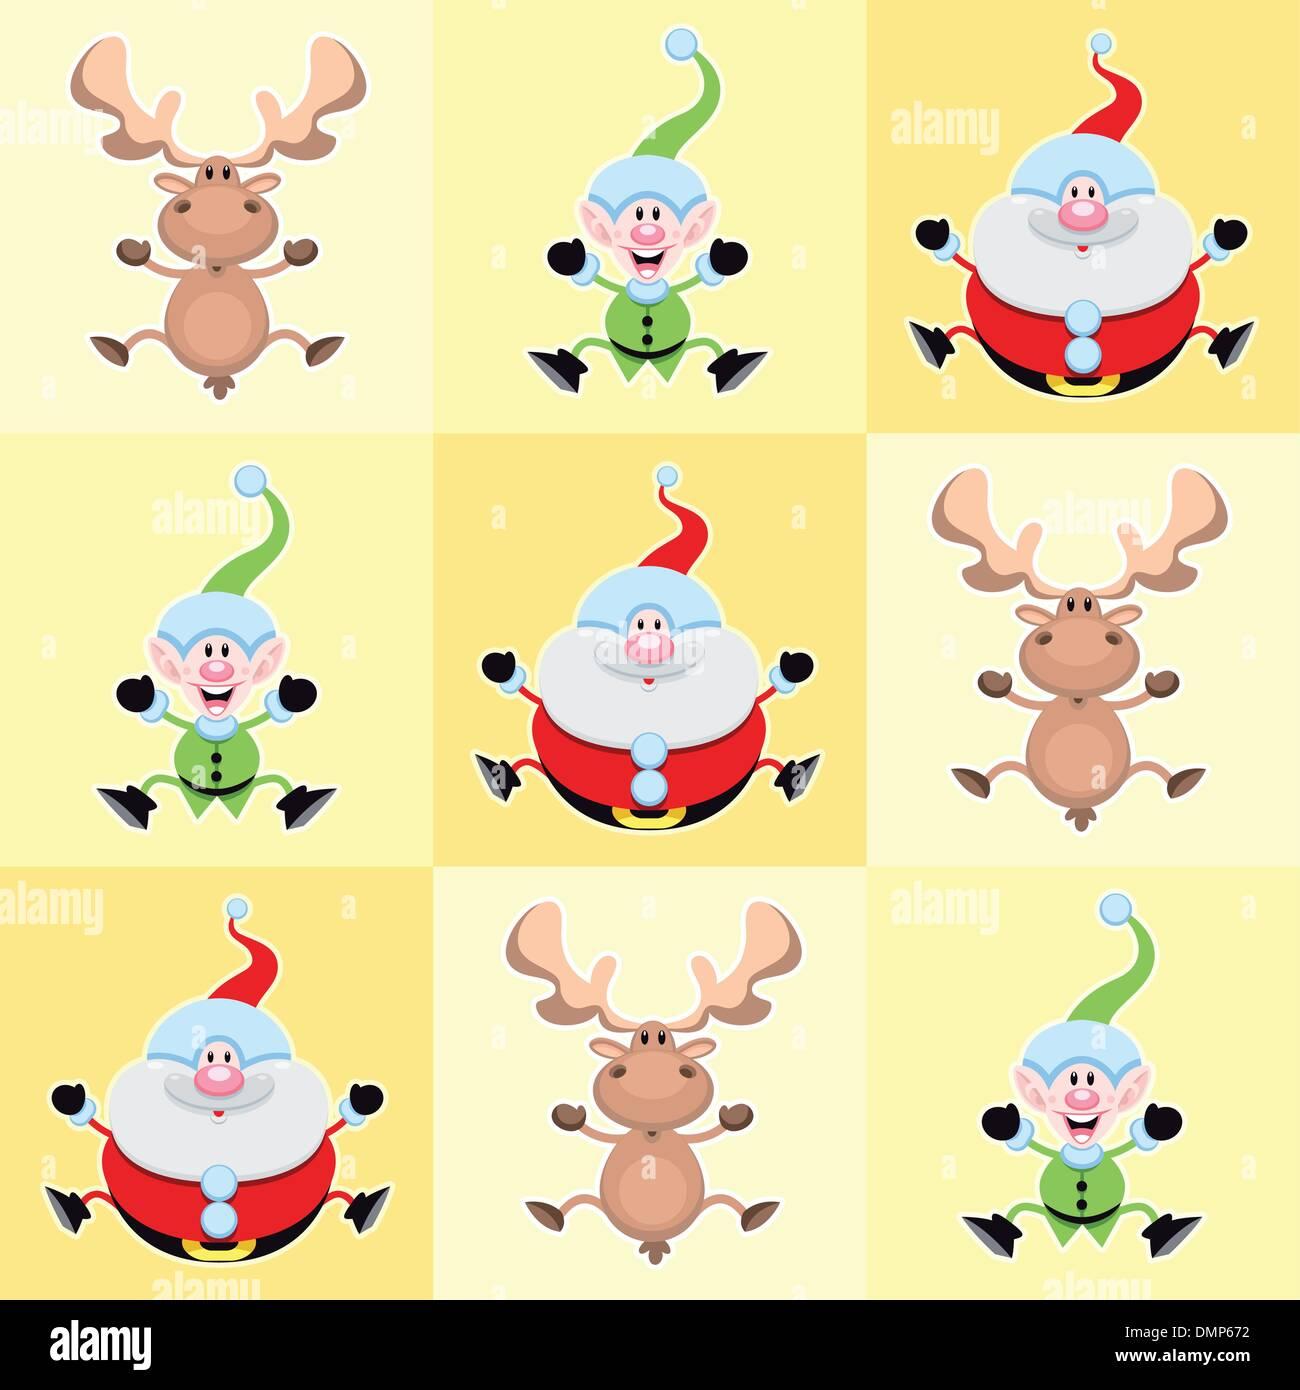 Los personajes de dibujos animados de Navidad en cuadrados amarillos. Imagen De Stock